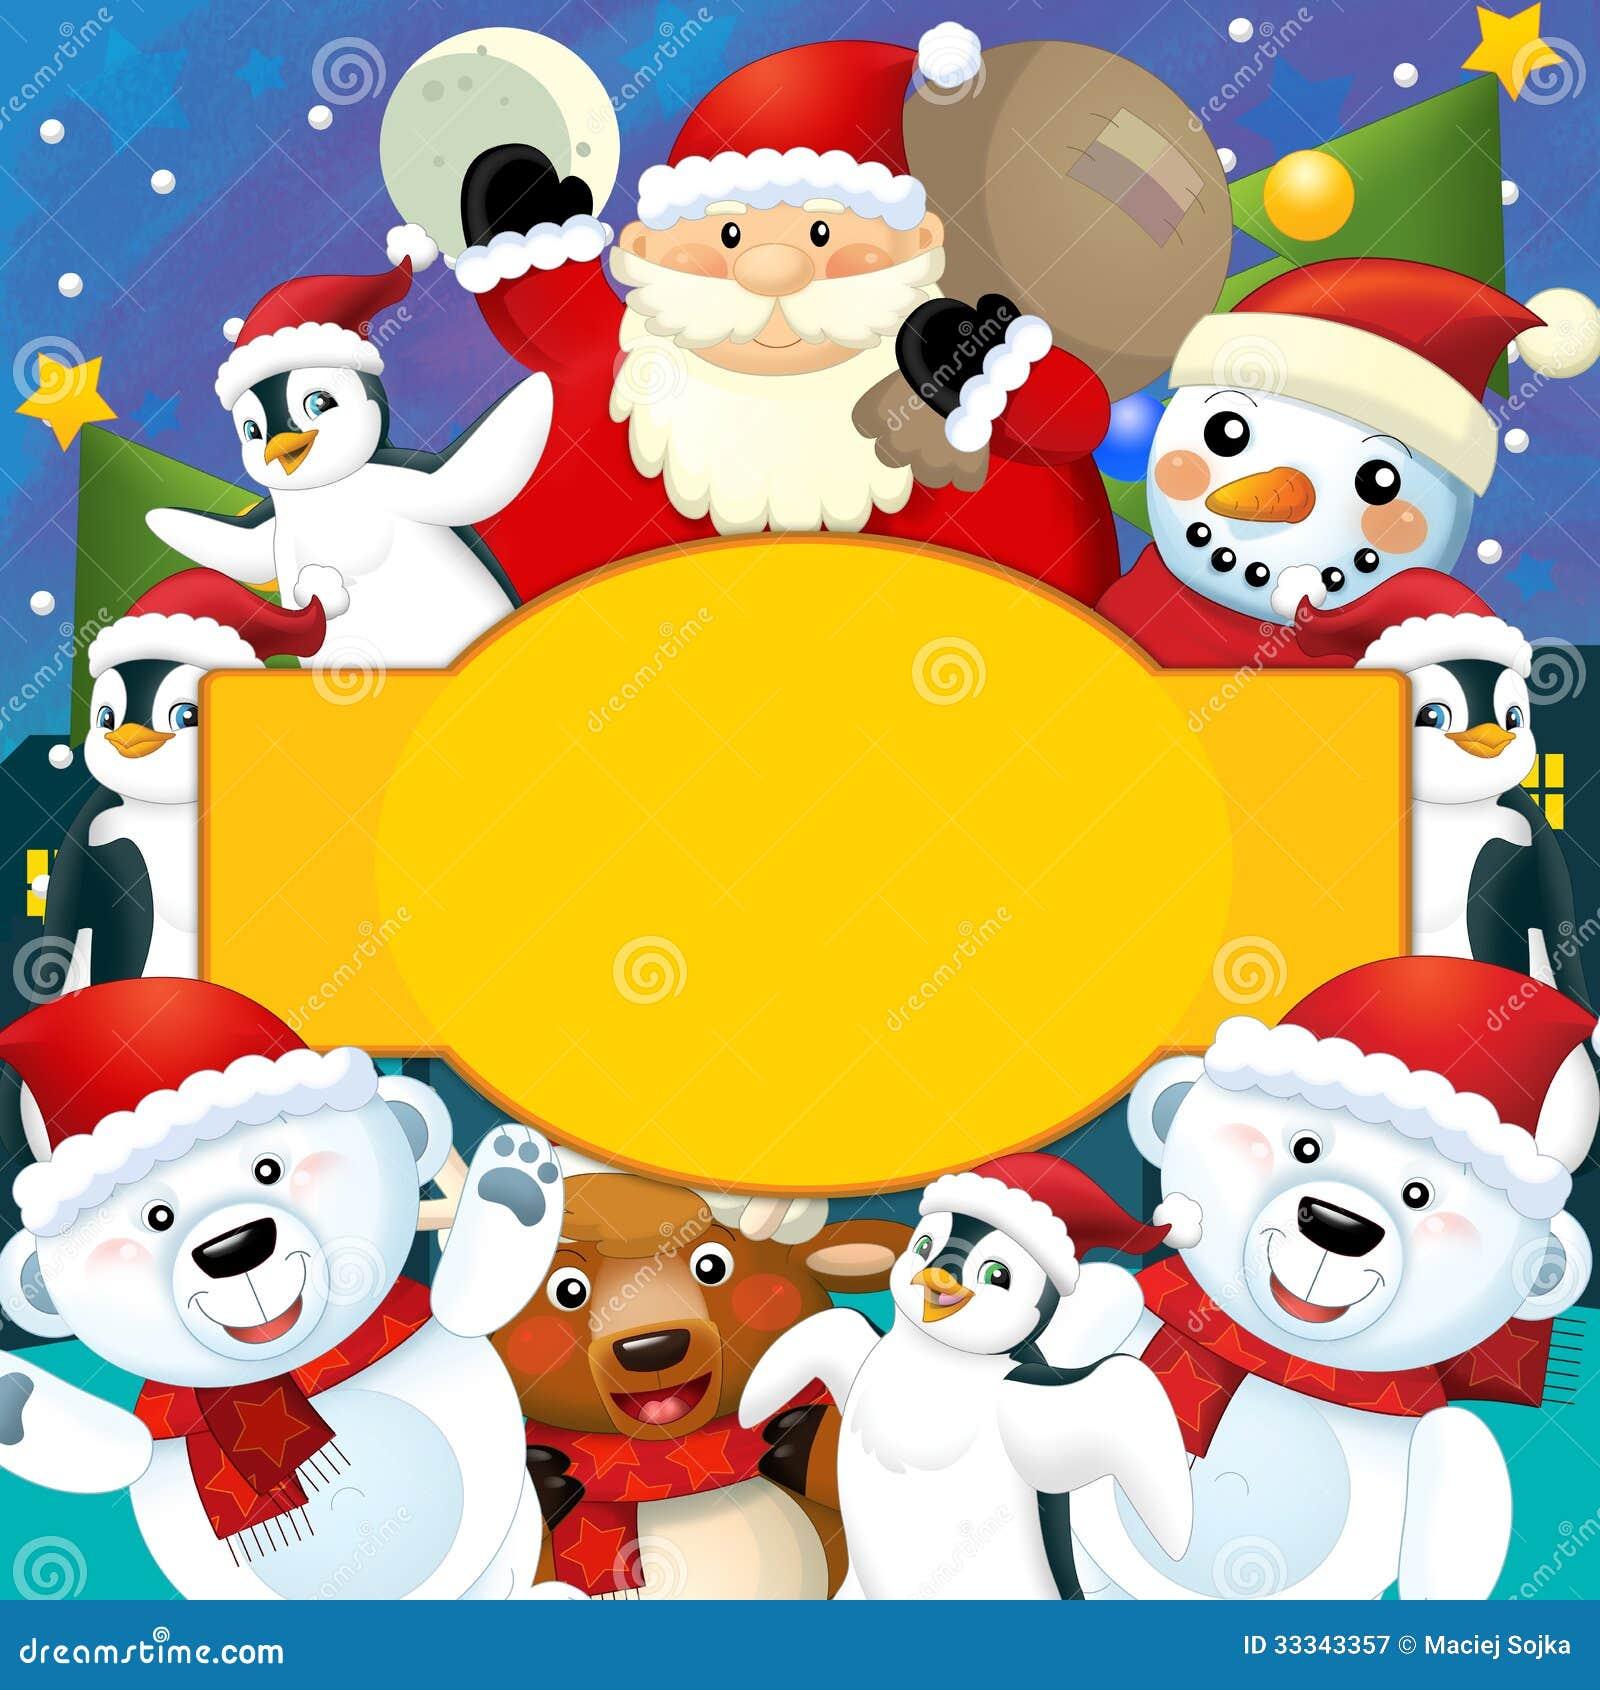 la navidad colorida tarjeta de felicitacin ejemplo para los nios fotografa de archivo libre